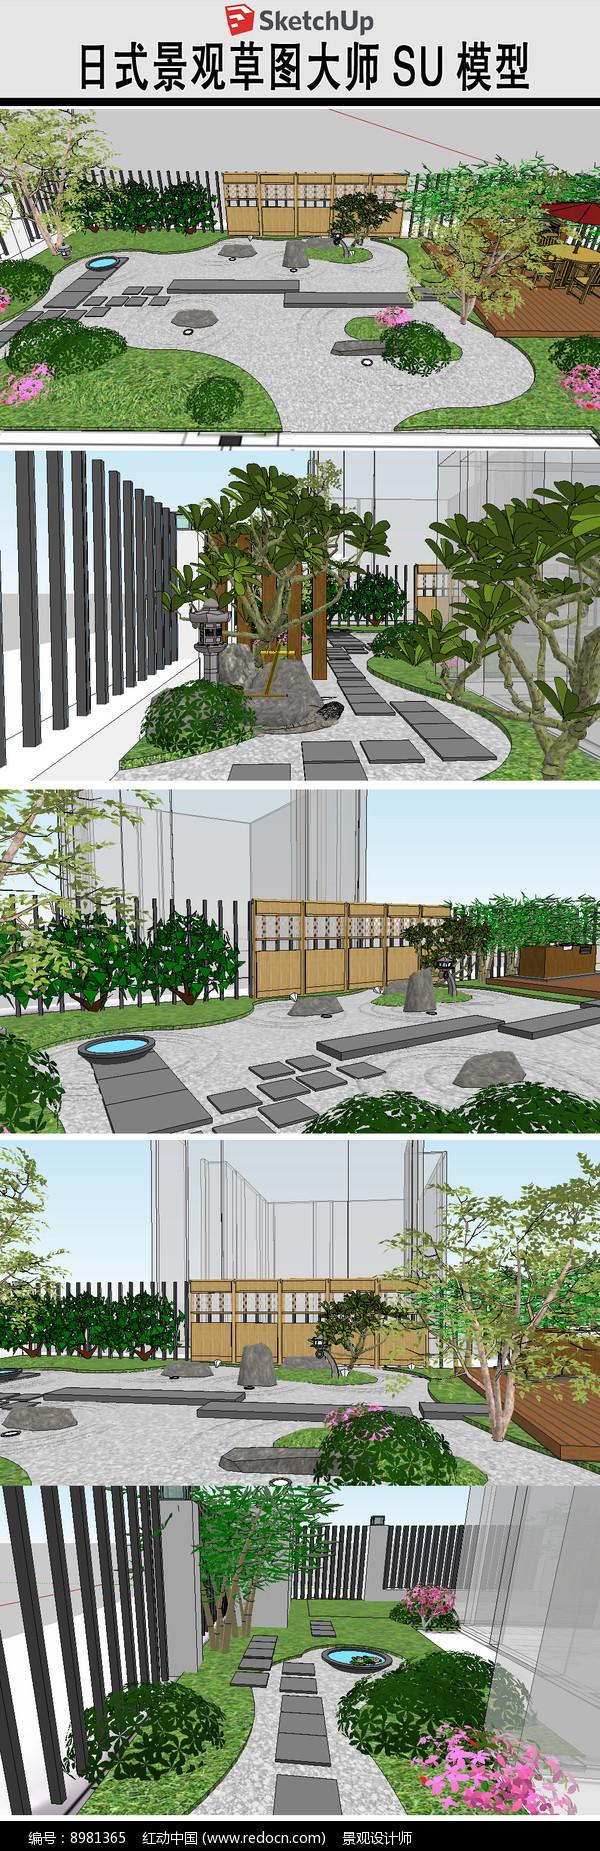 日式园林庭院草图SU模型